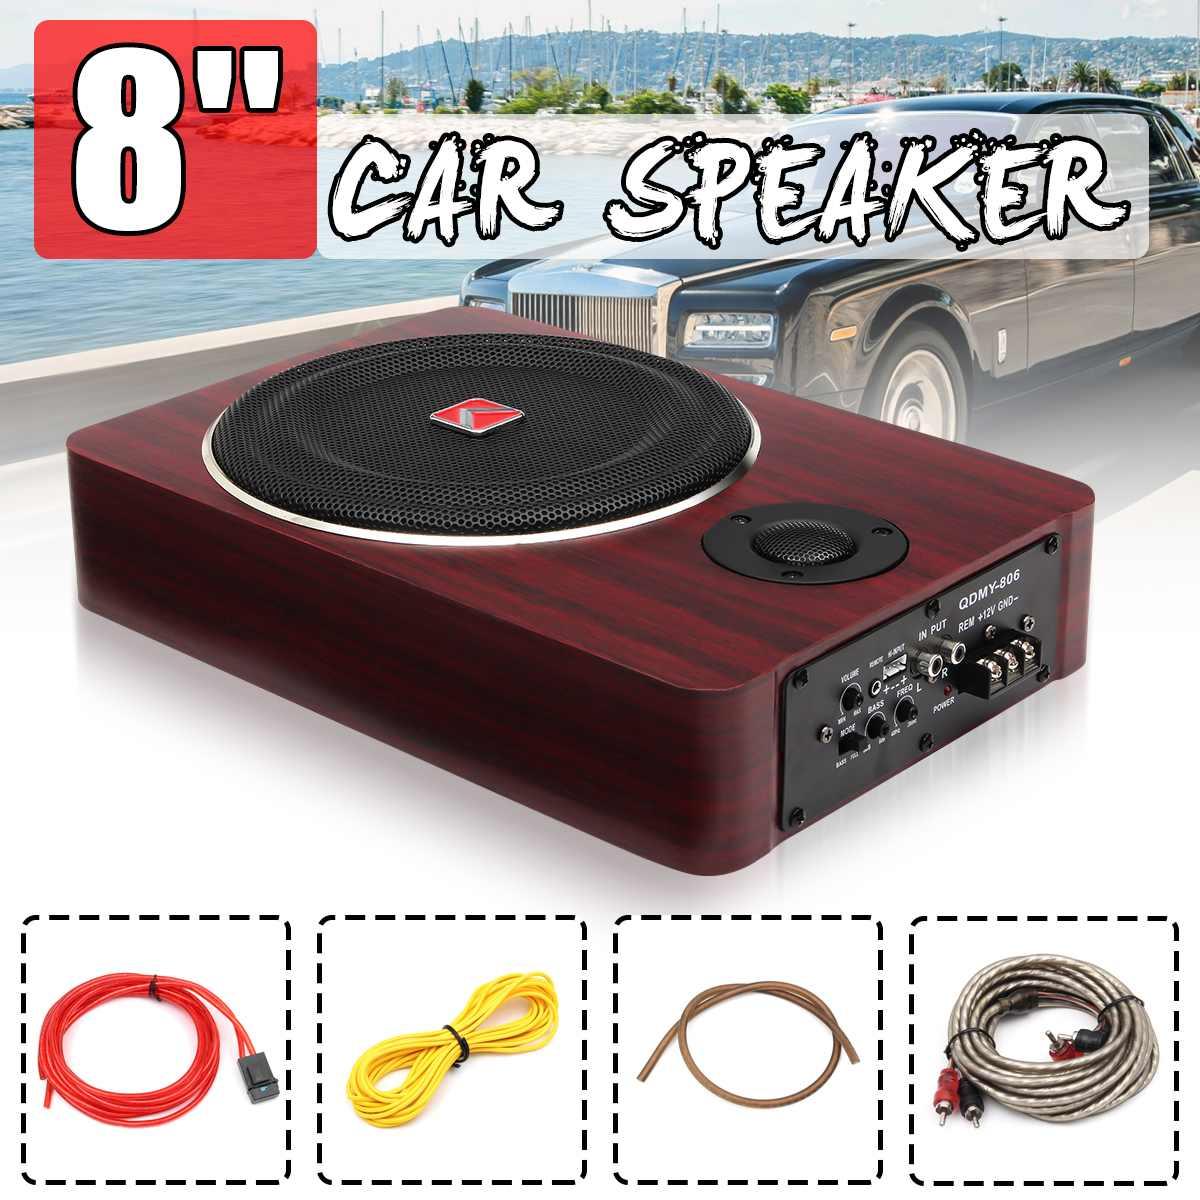 600 Вт 8 дюймовый Деревянный ультратонкий автомобильный стереосабвуфер, автомобильный аудио динамик, универсальный динамик, сабвуфер, автом